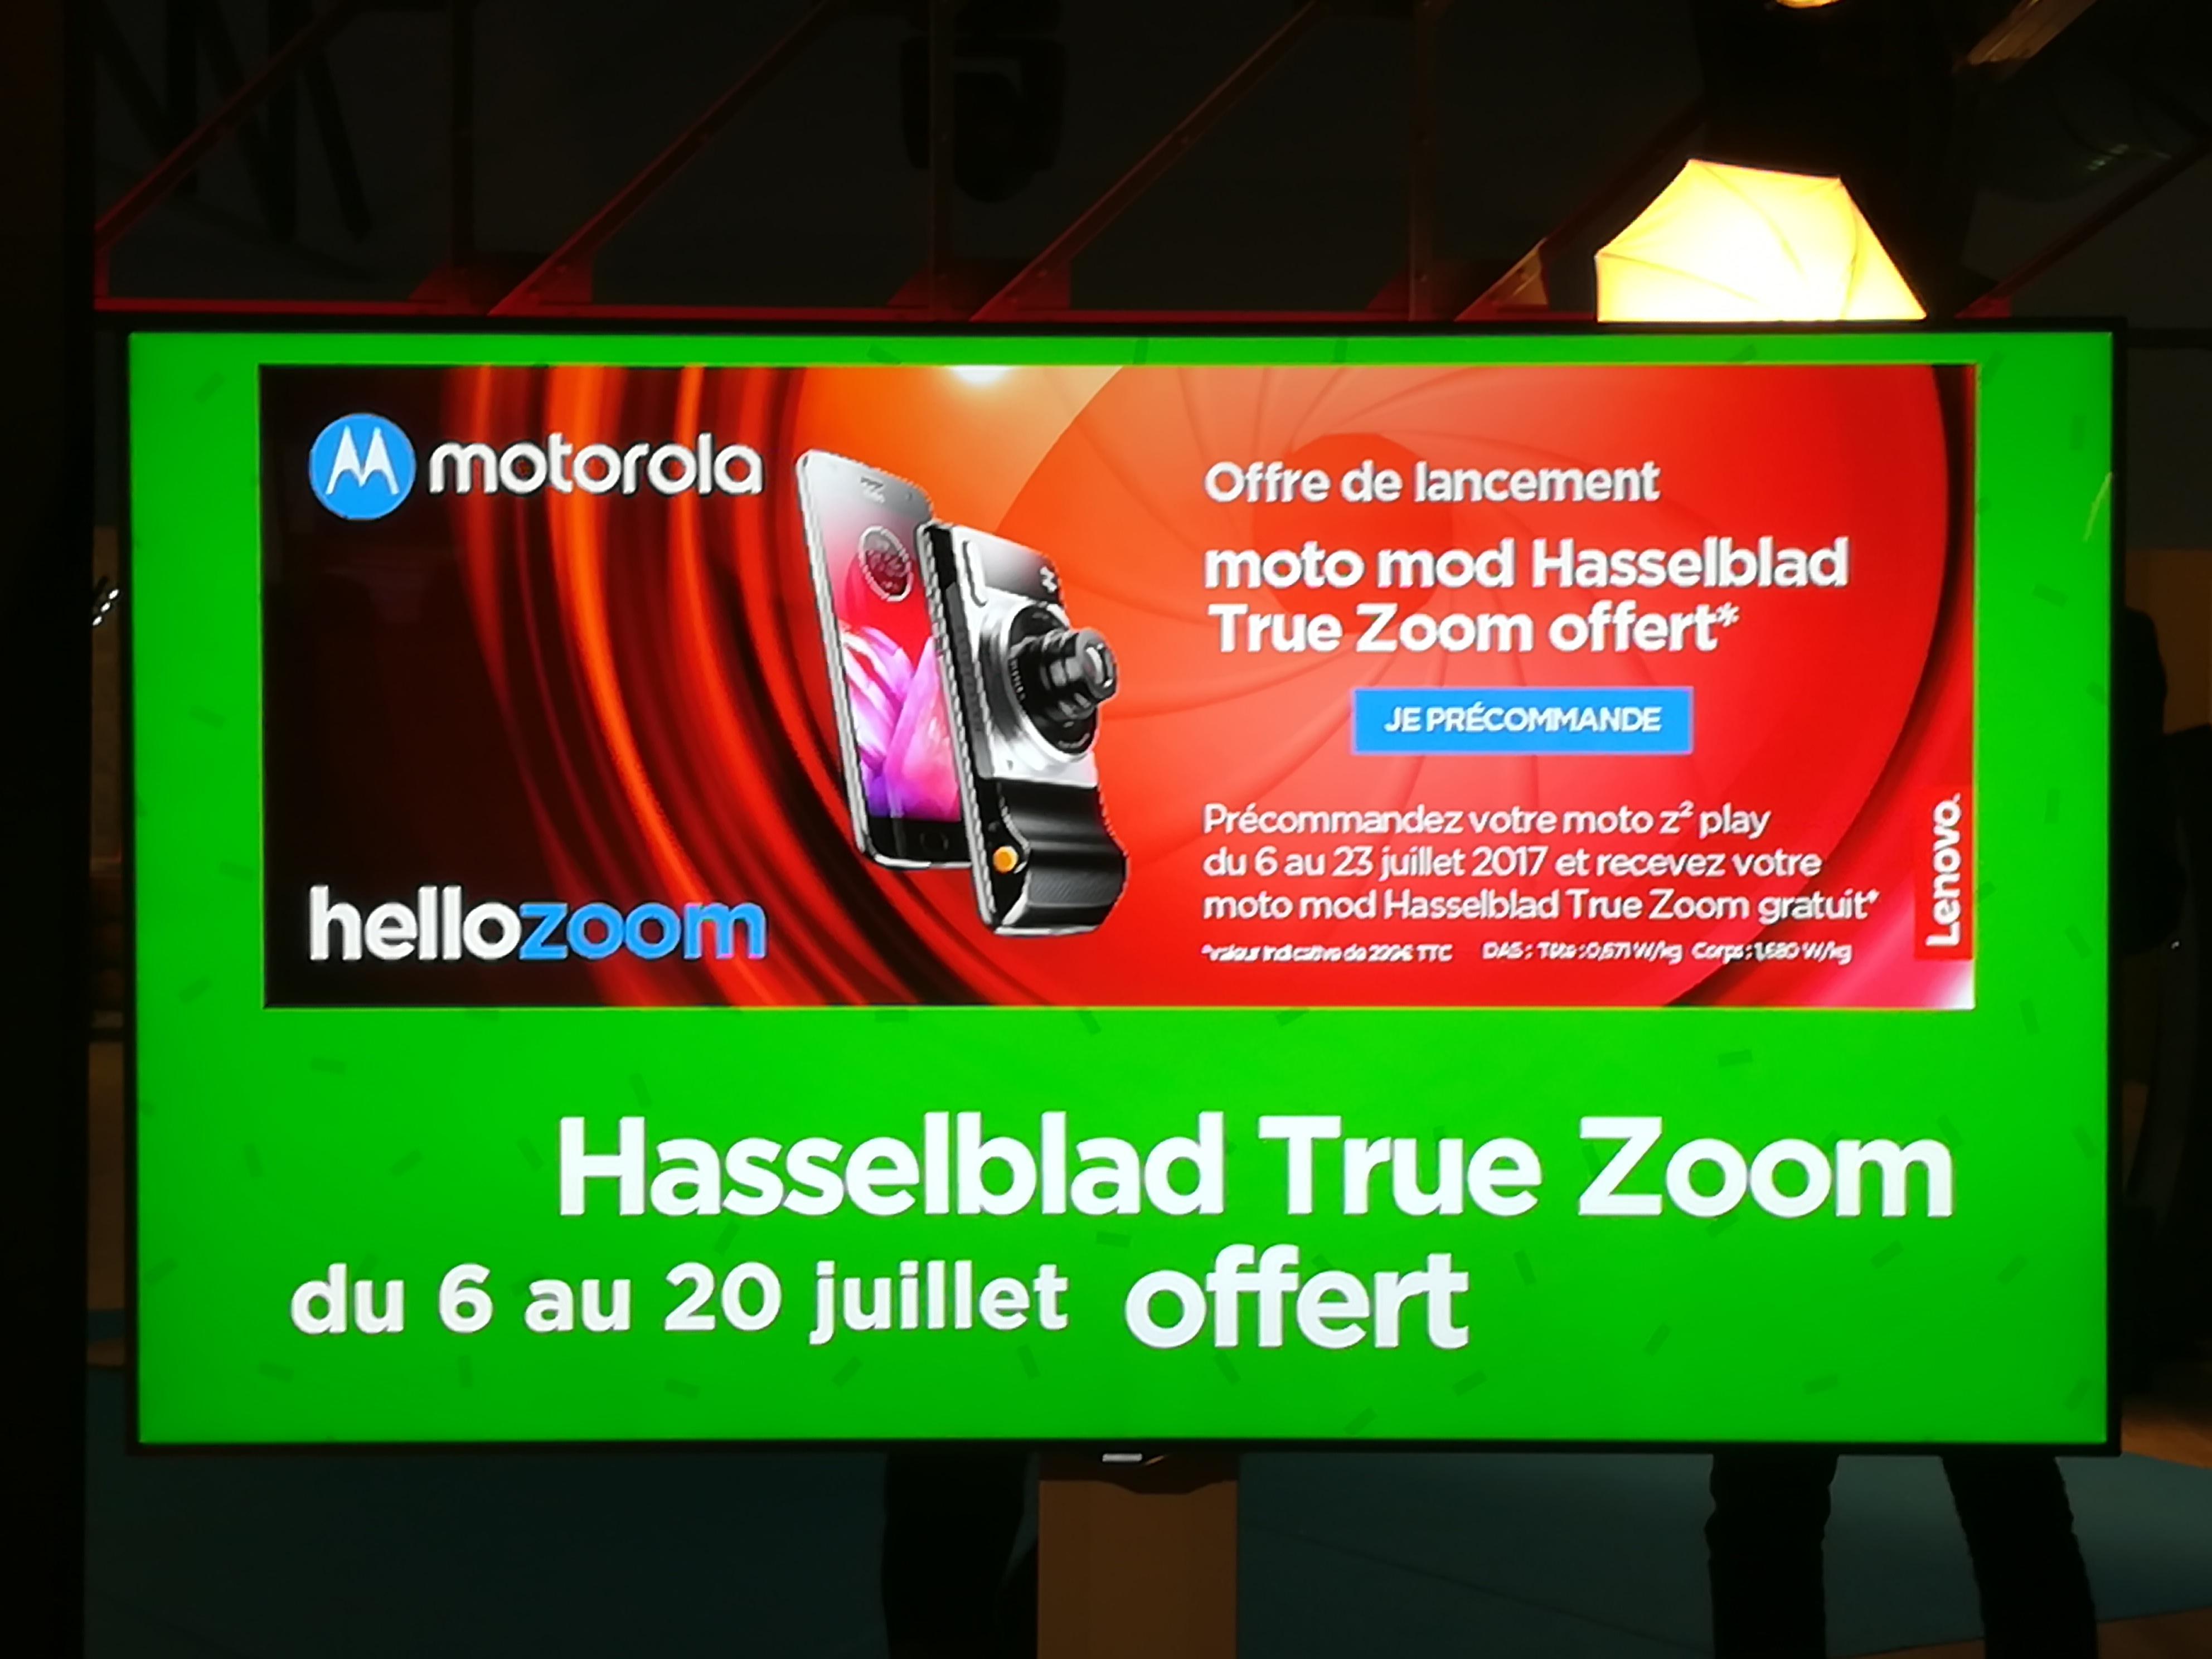 Offre de lancement Moto Z2 Play